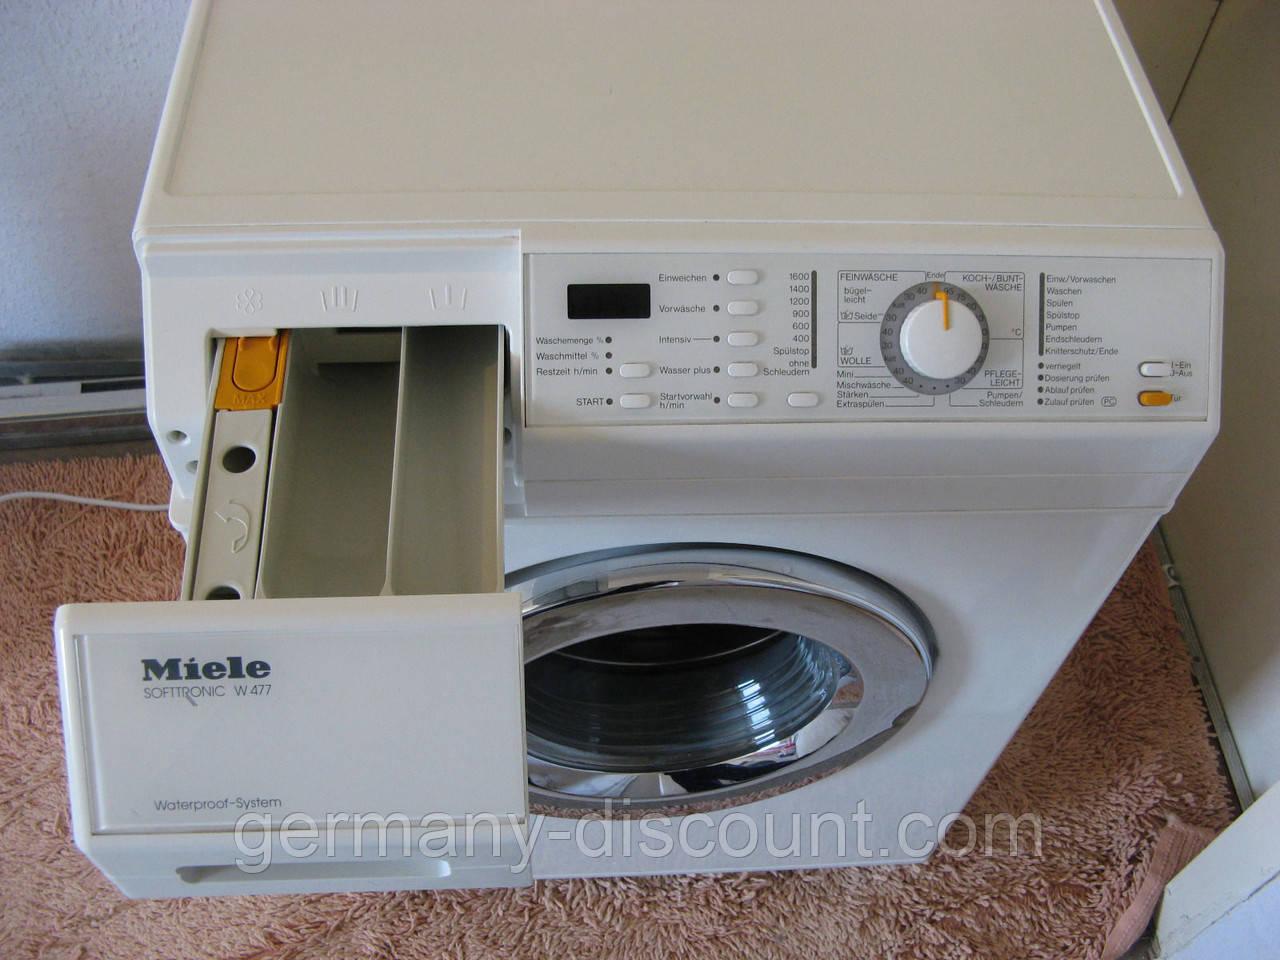 поменять подшипники в стиральной машине самому инструкция